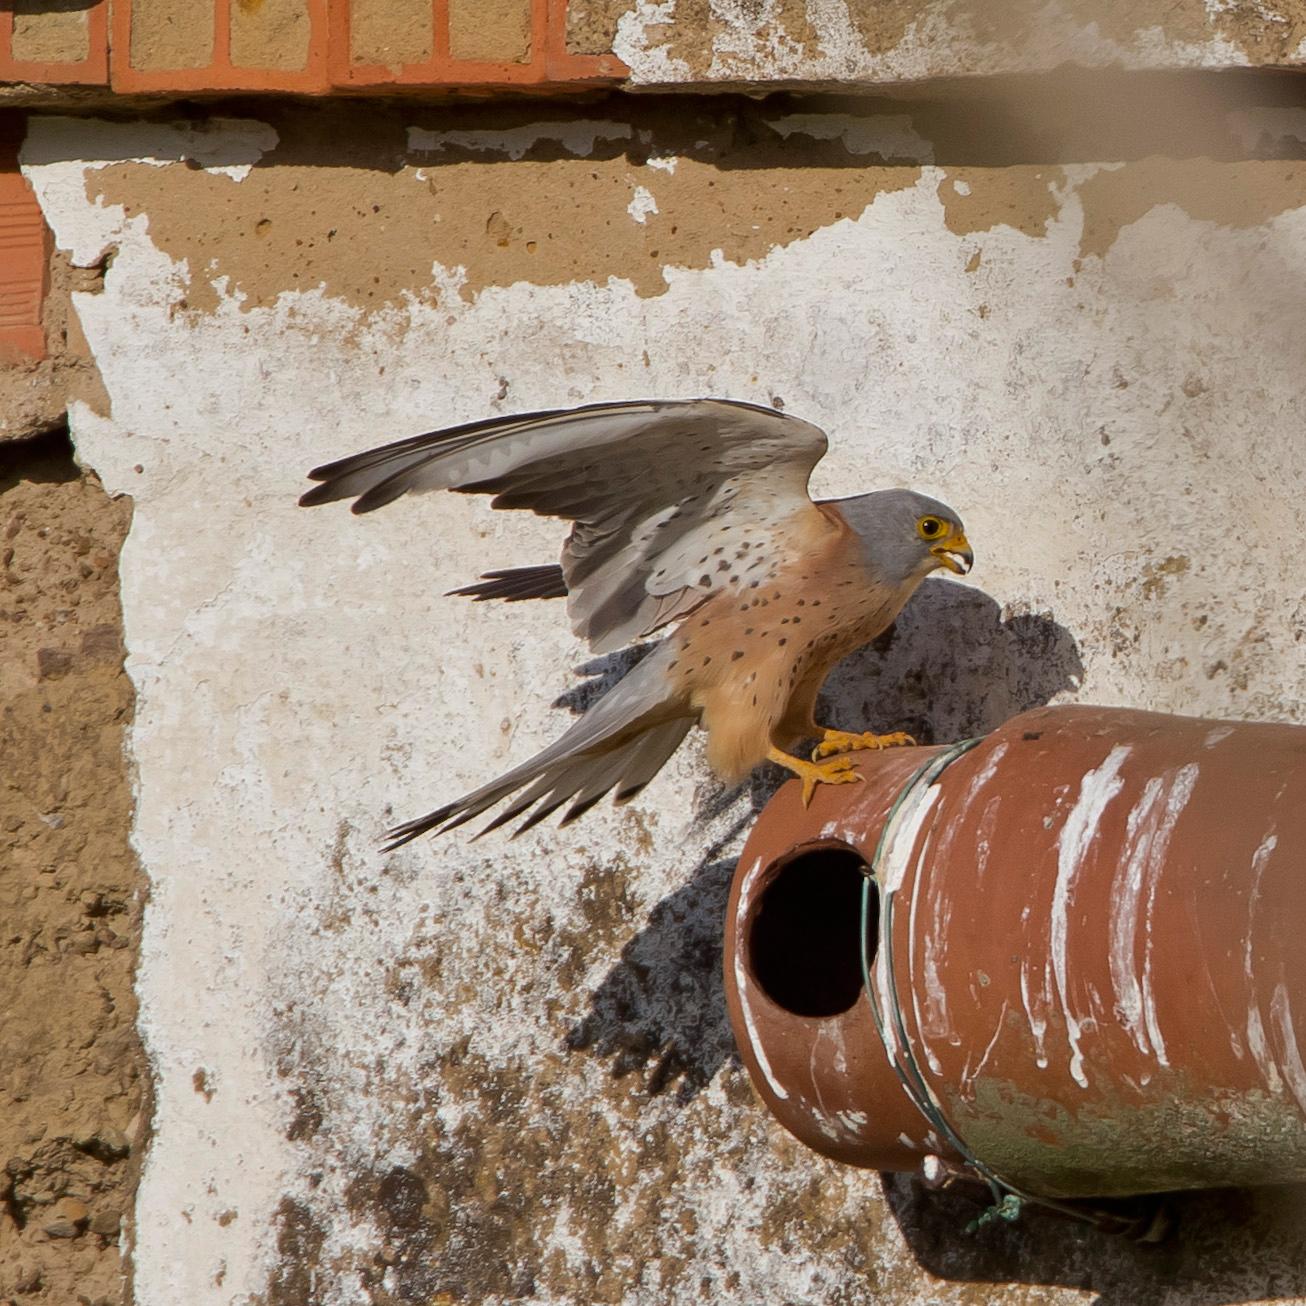 ... brüten in alten zerfallenen Häusern, oft auch in speziellen Nistkästen